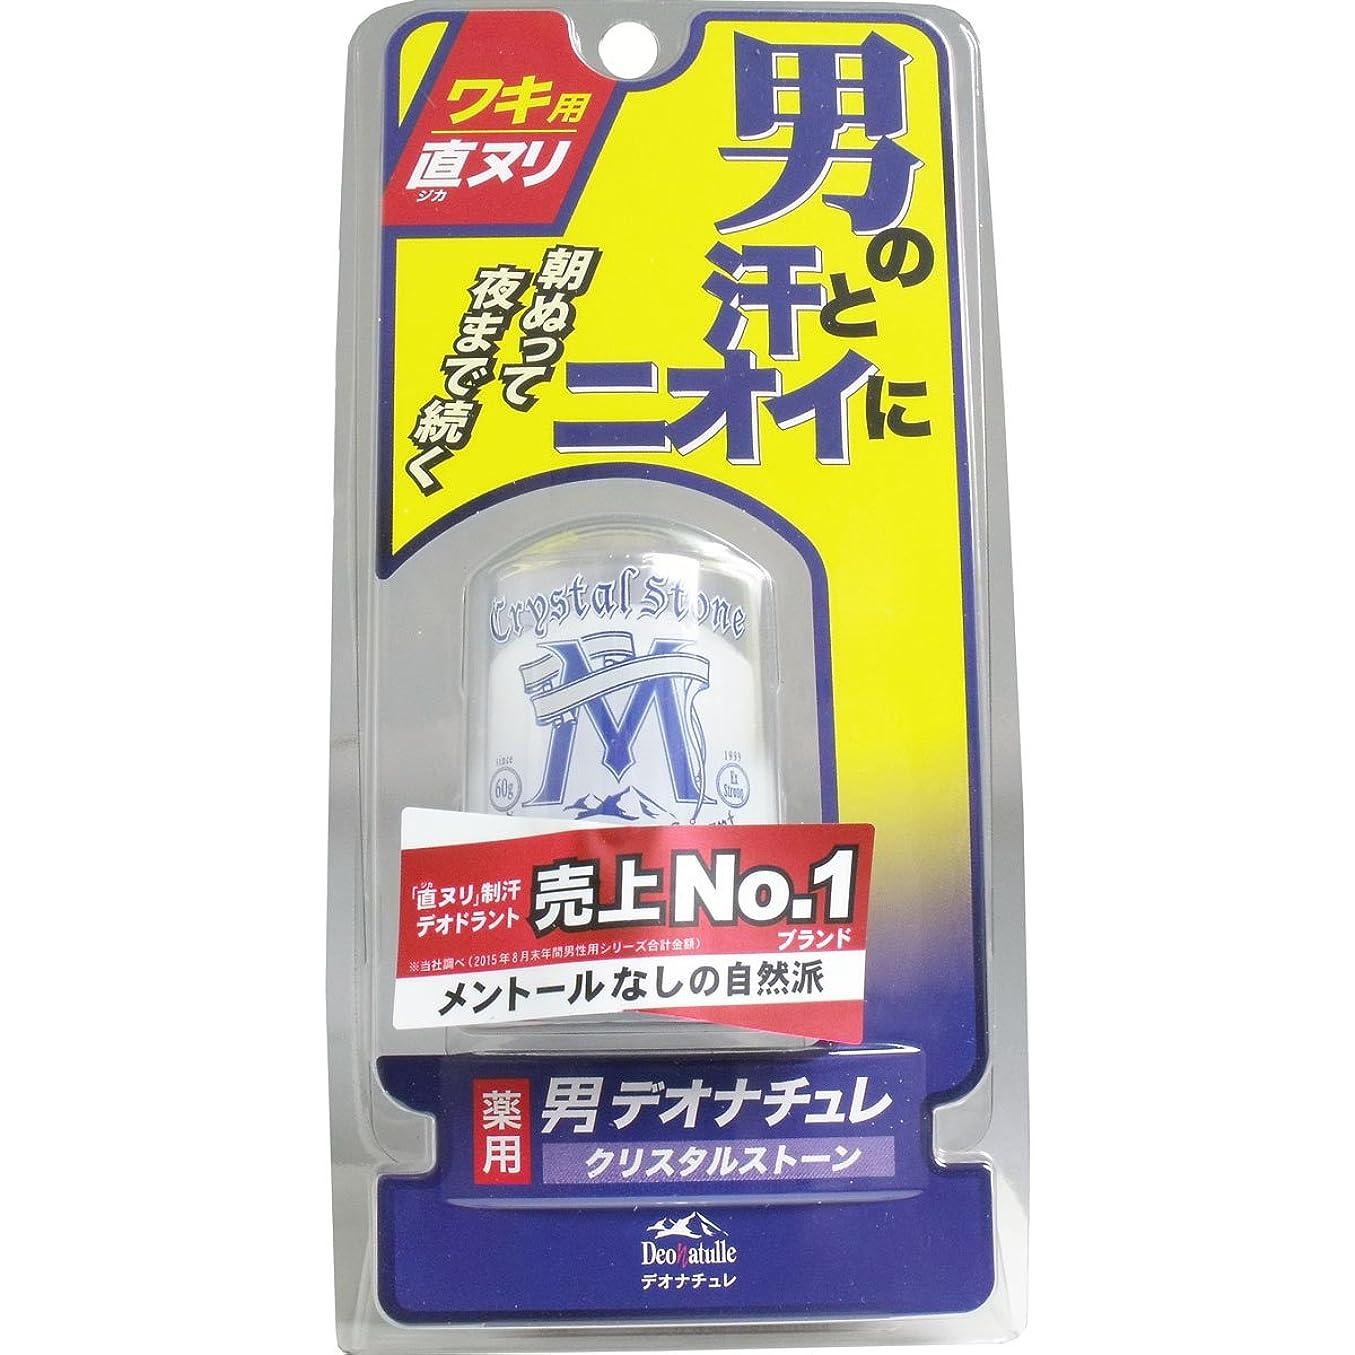 デオナチュレ 男クリスタルストーン 60Gx6個セット (4971825011778)